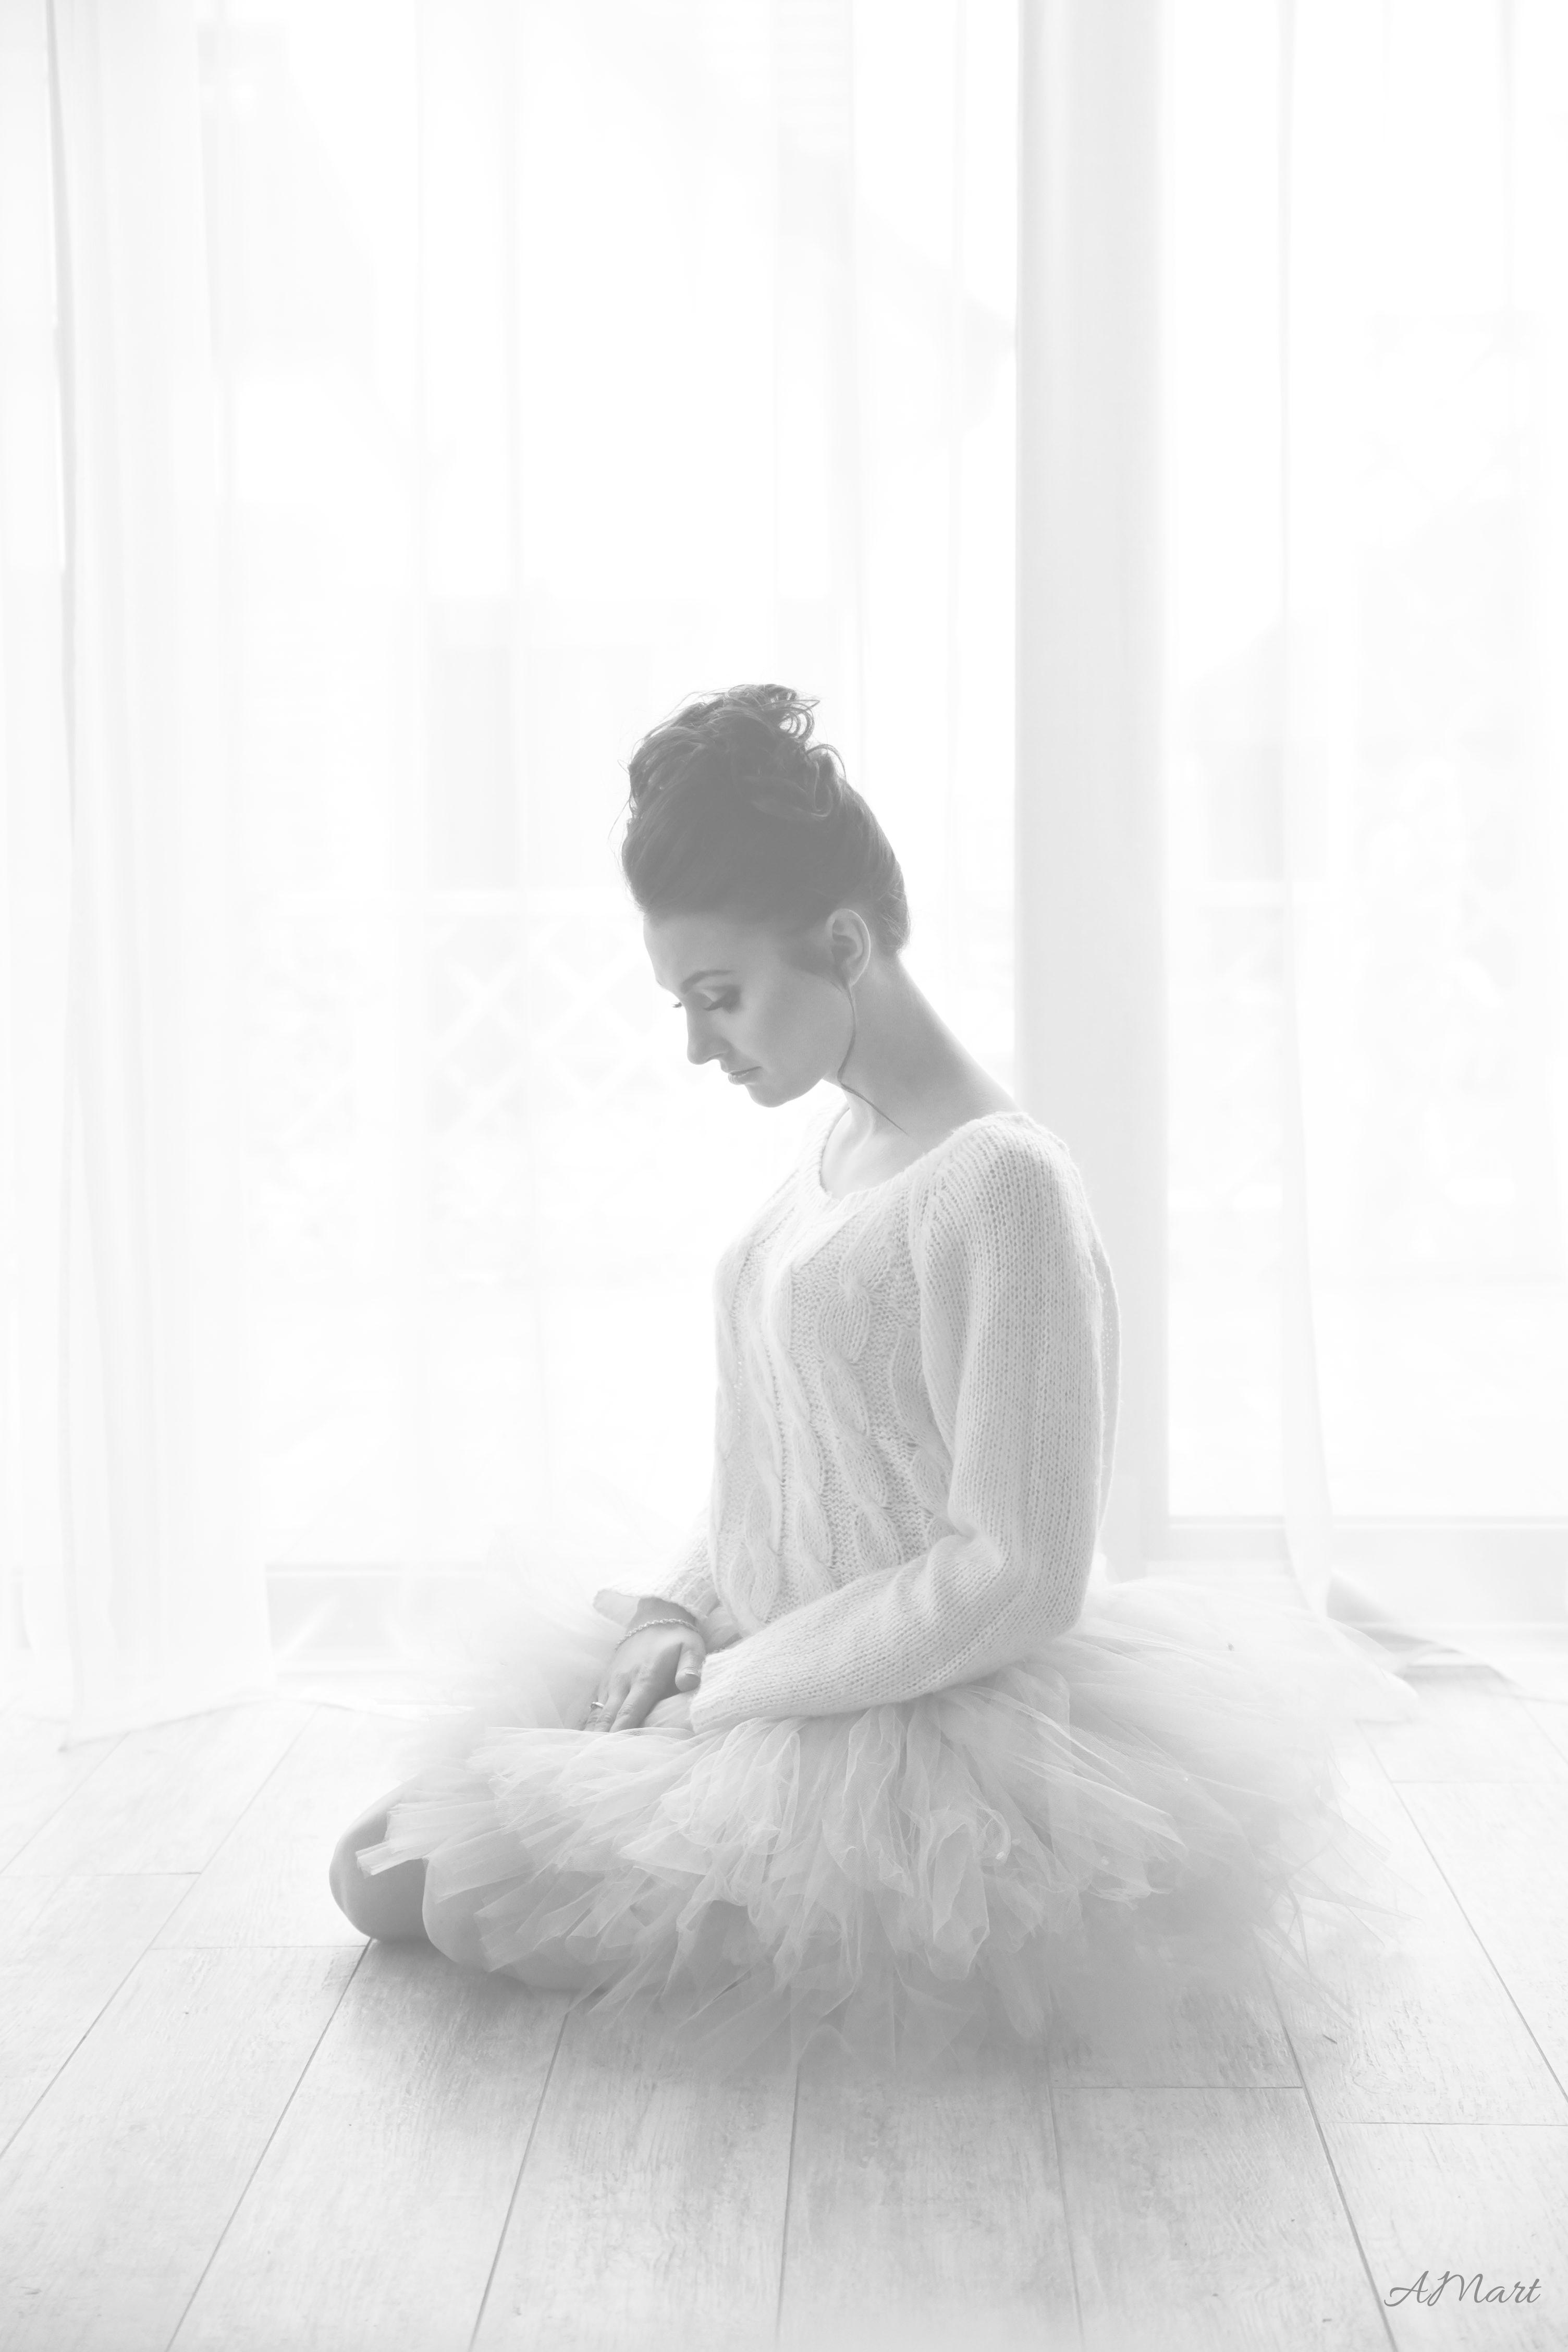 foto balet